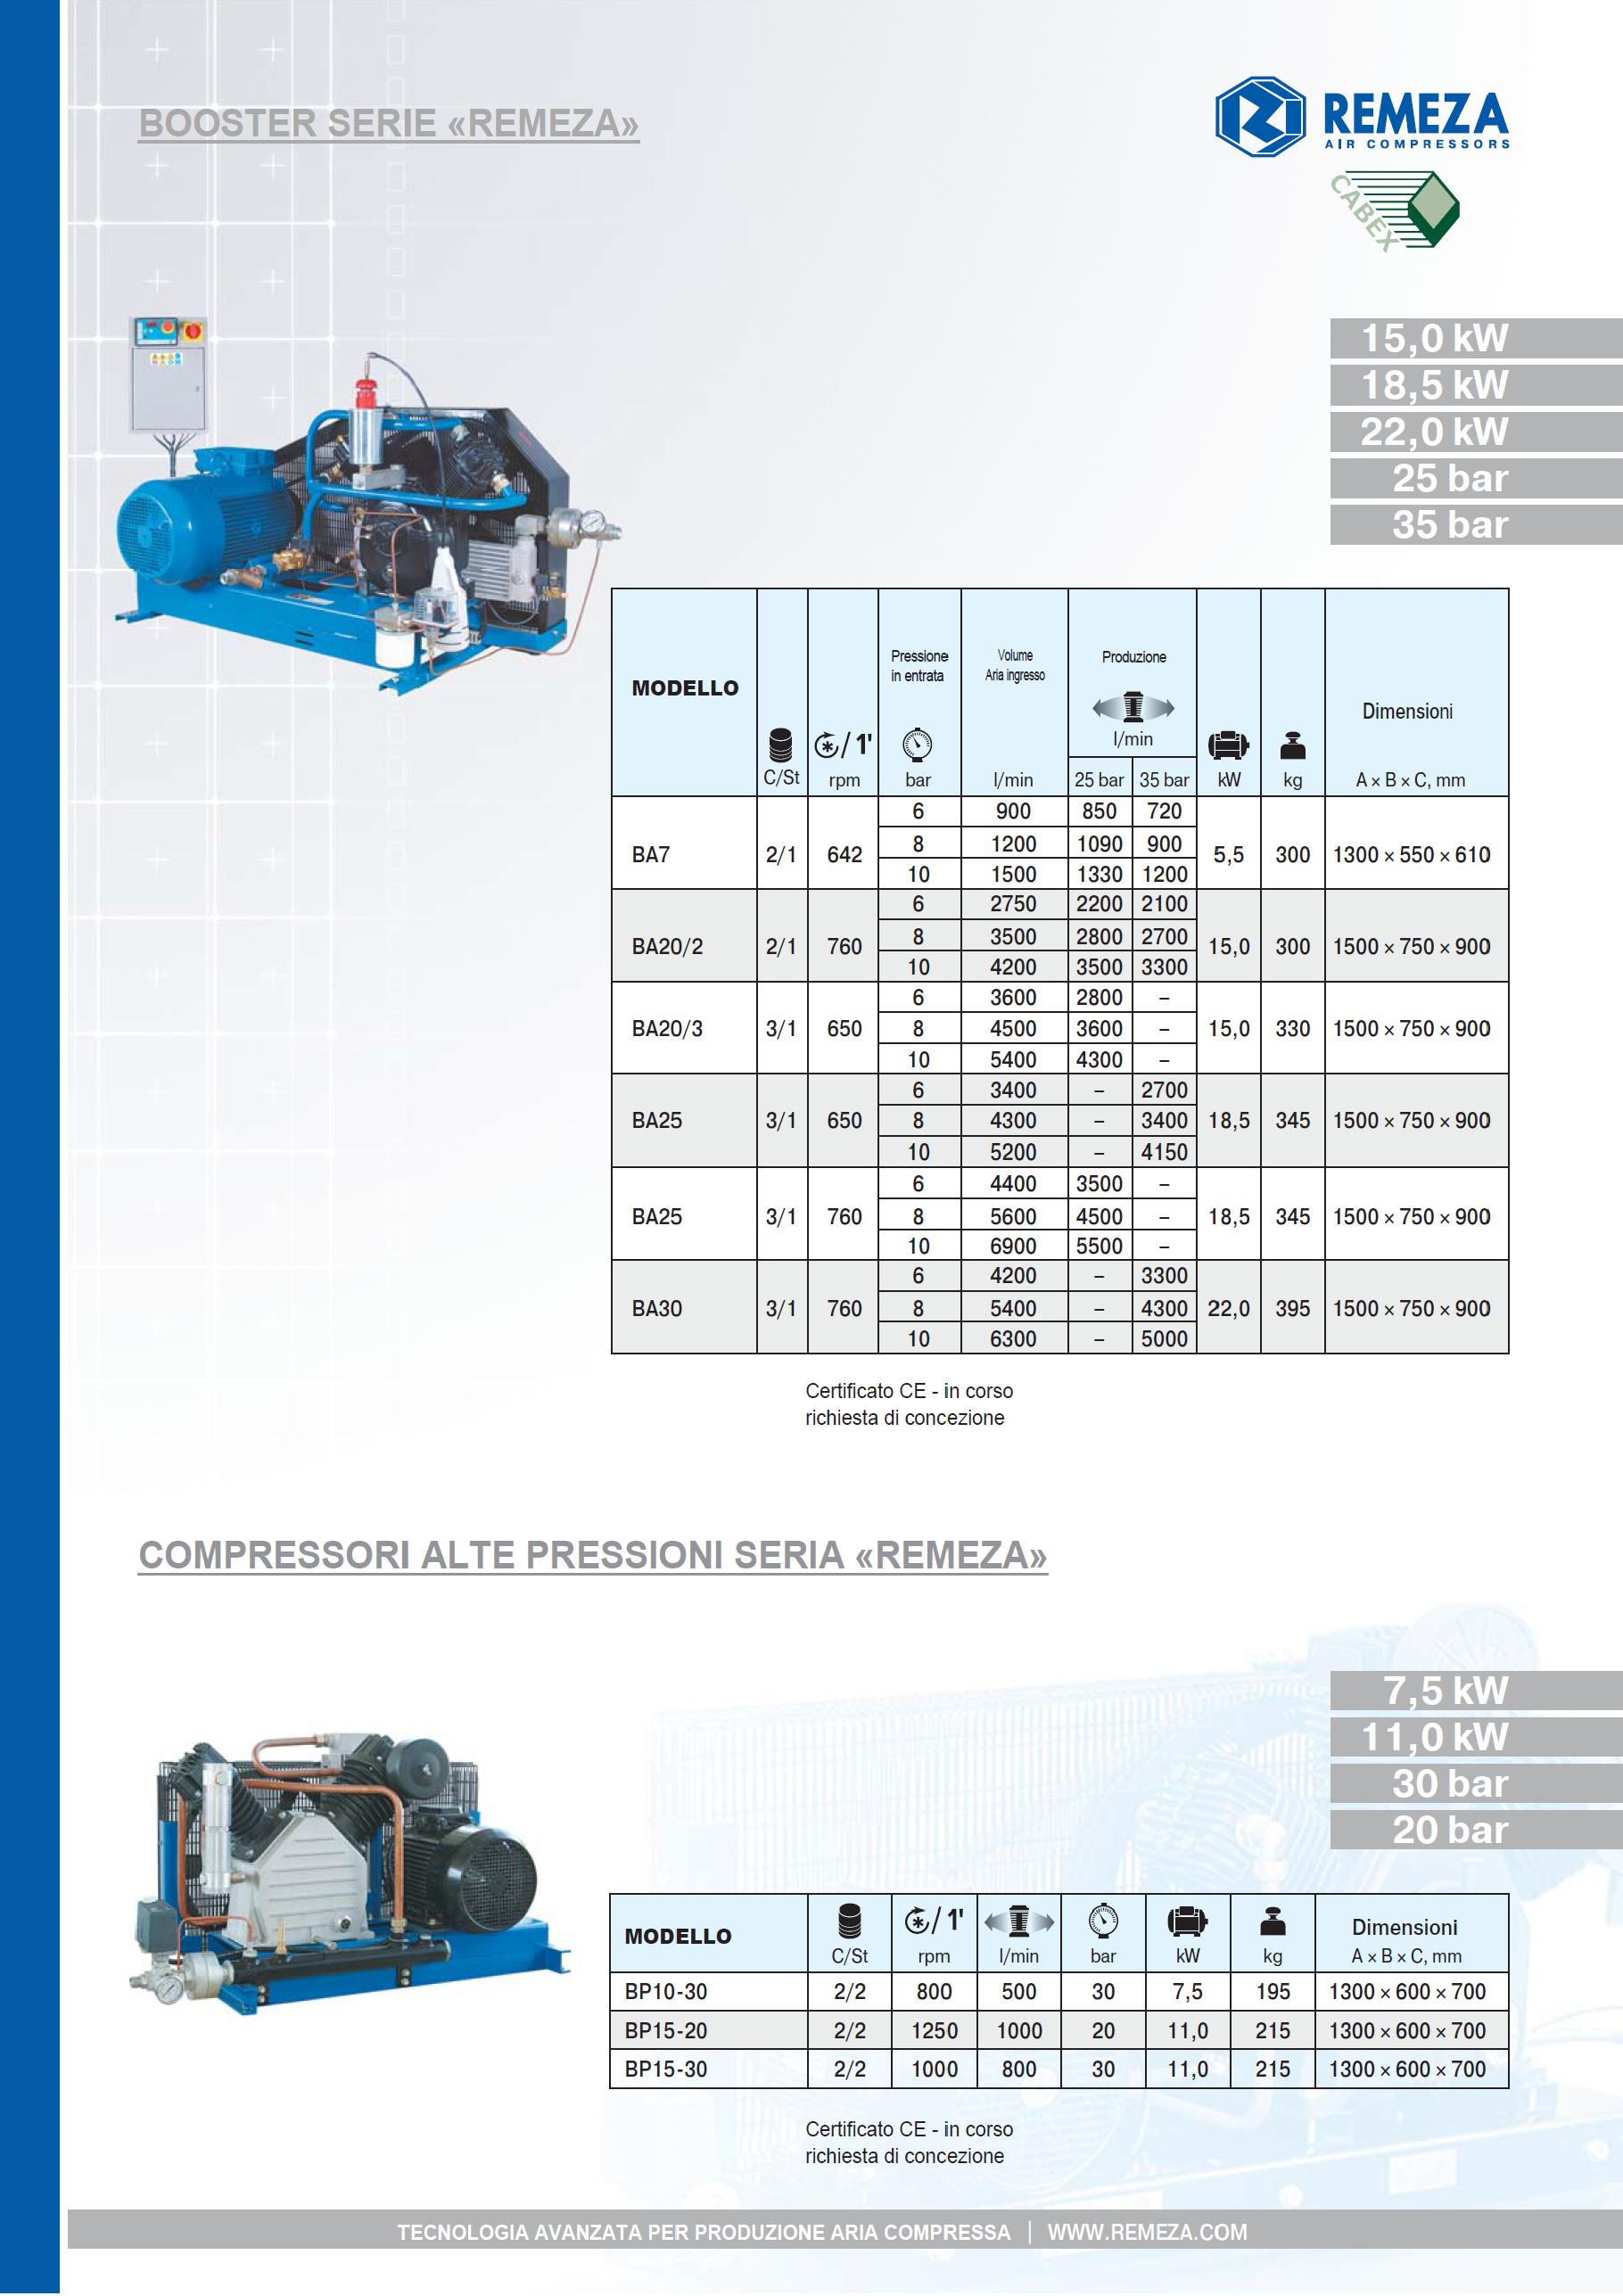 4_compressori-alte-pressioni-serie-remeza_pag_1